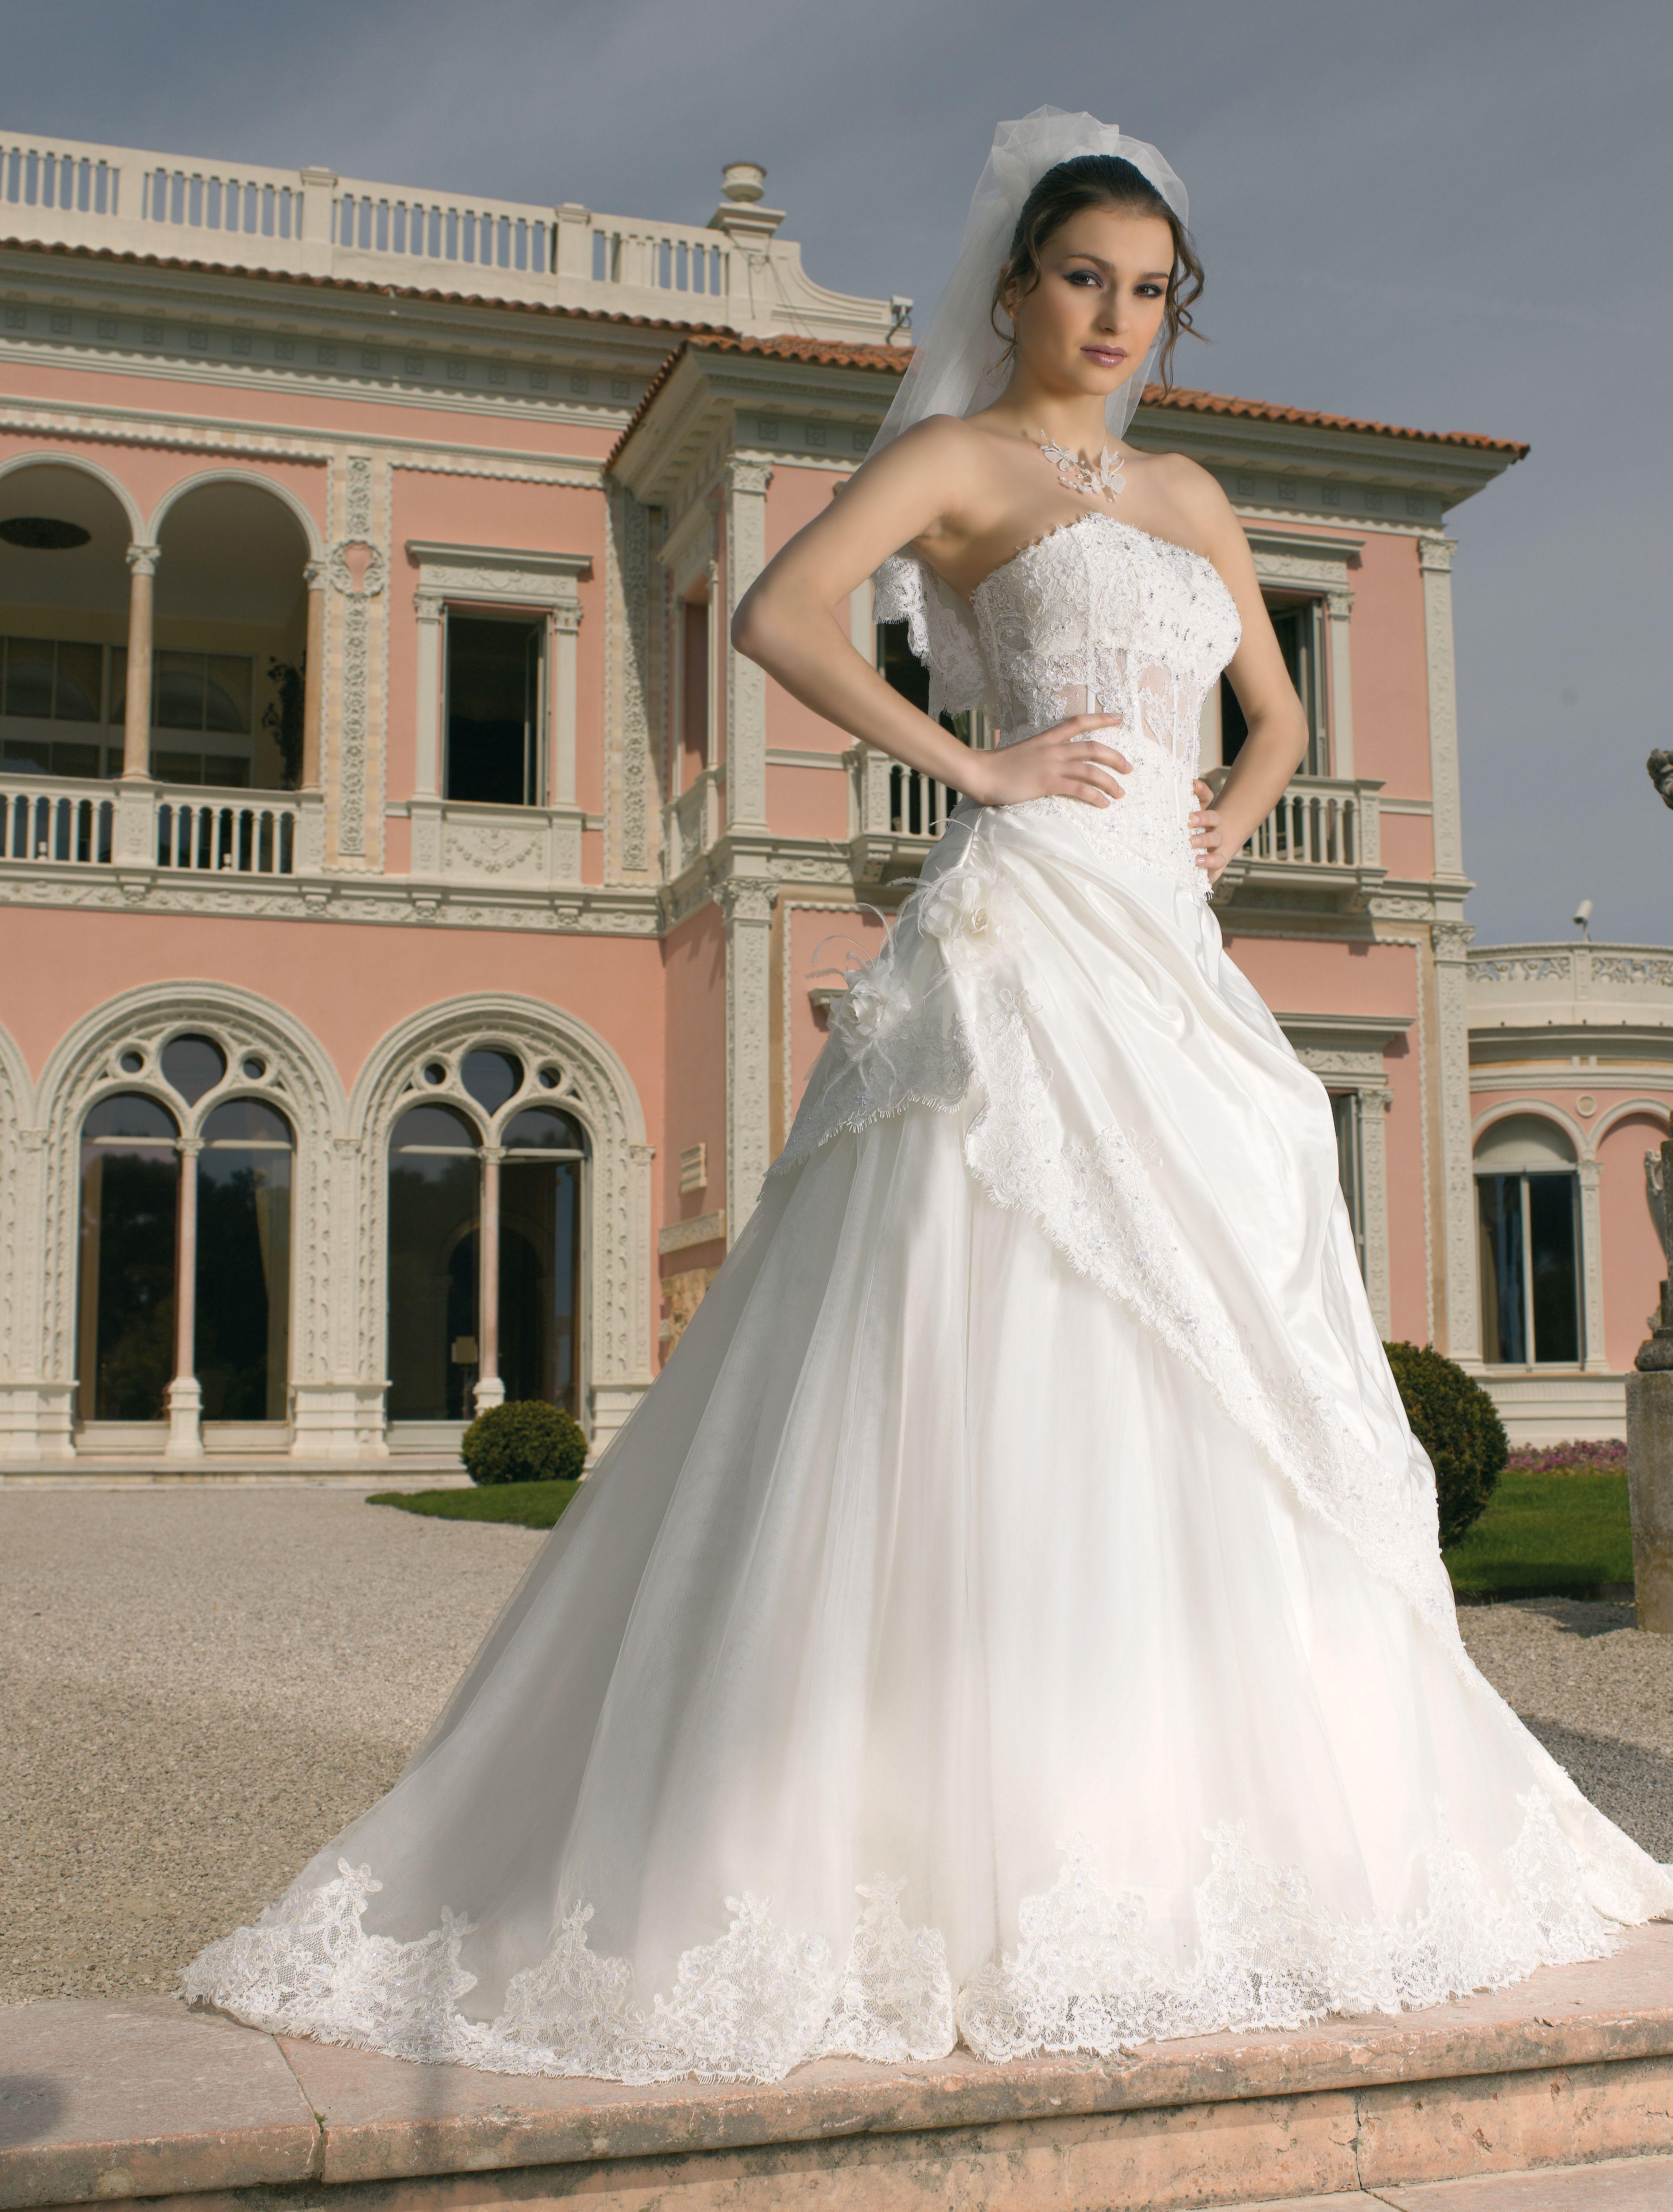 86fcdc36cc2c714 Интересные факты о свадебном платье - Моя газета | Моя газета